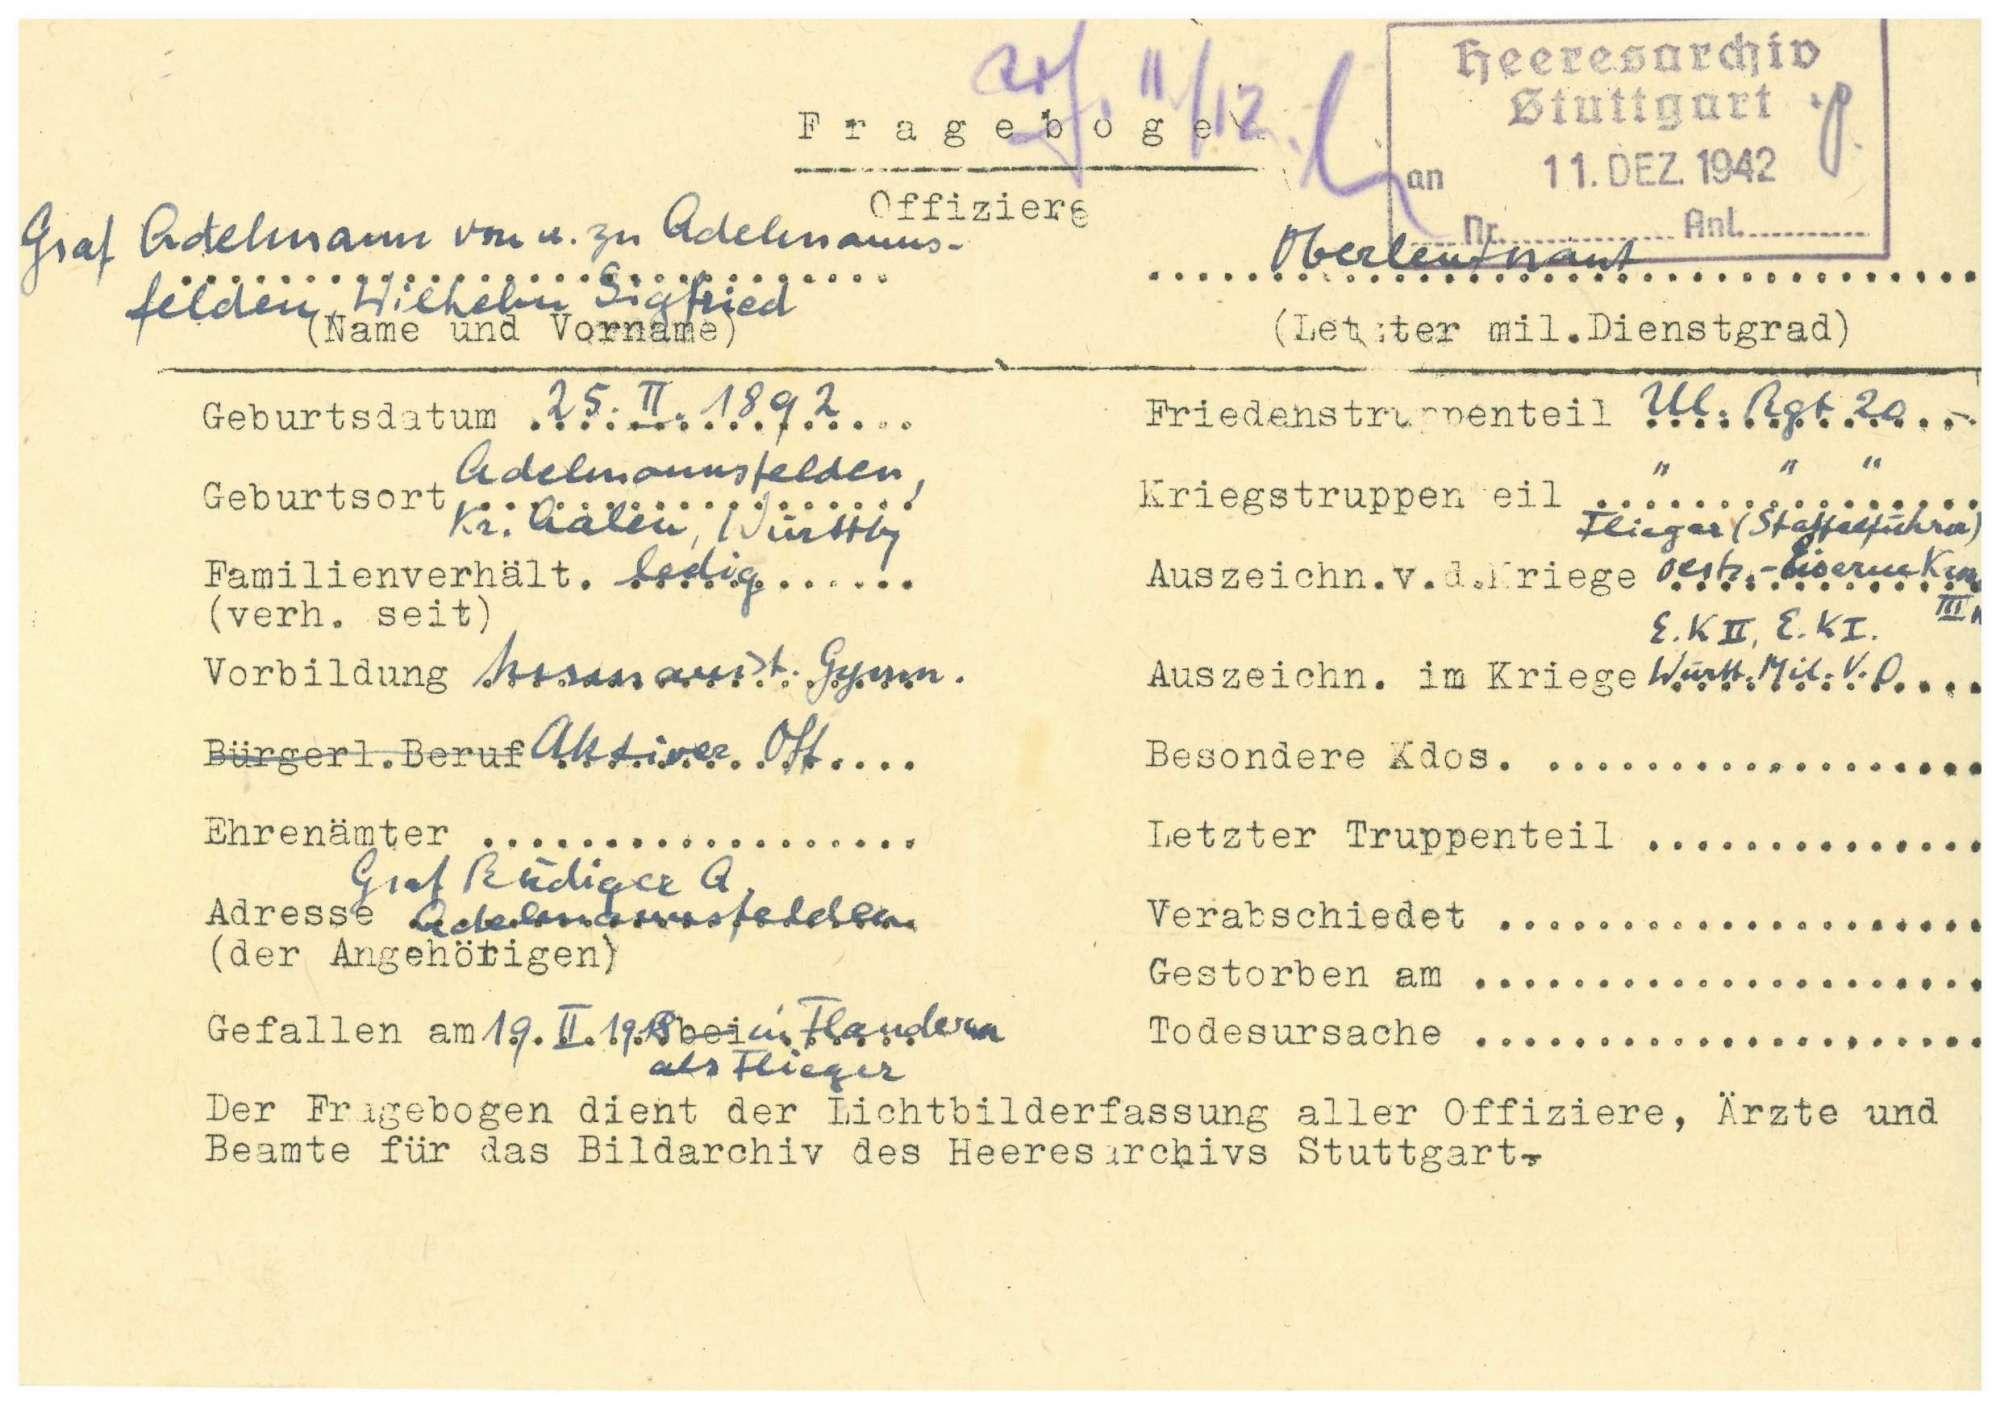 Adelmann von und zu Adelmannsfelden, Siegfried, Graf, Bild 2